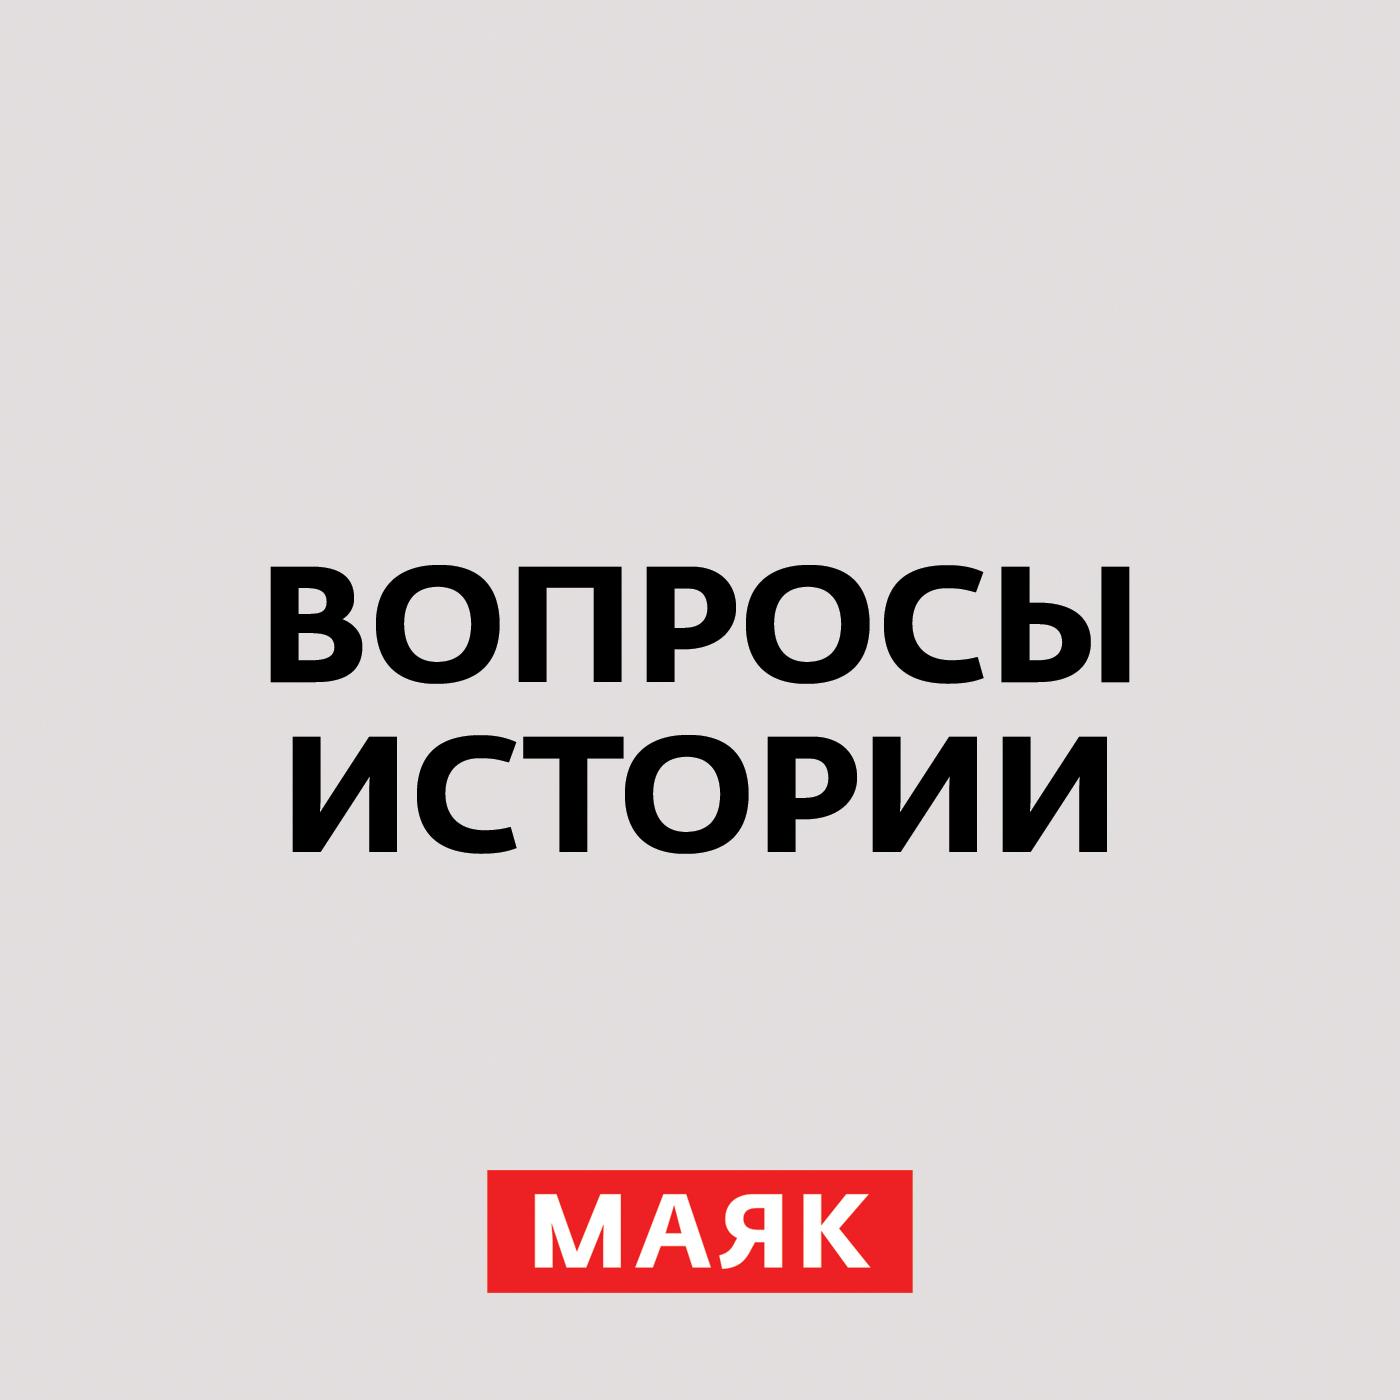 Андрей Светенко Зимняя война: за финнами кто-то стоял? александра коллонтай кому нужна война